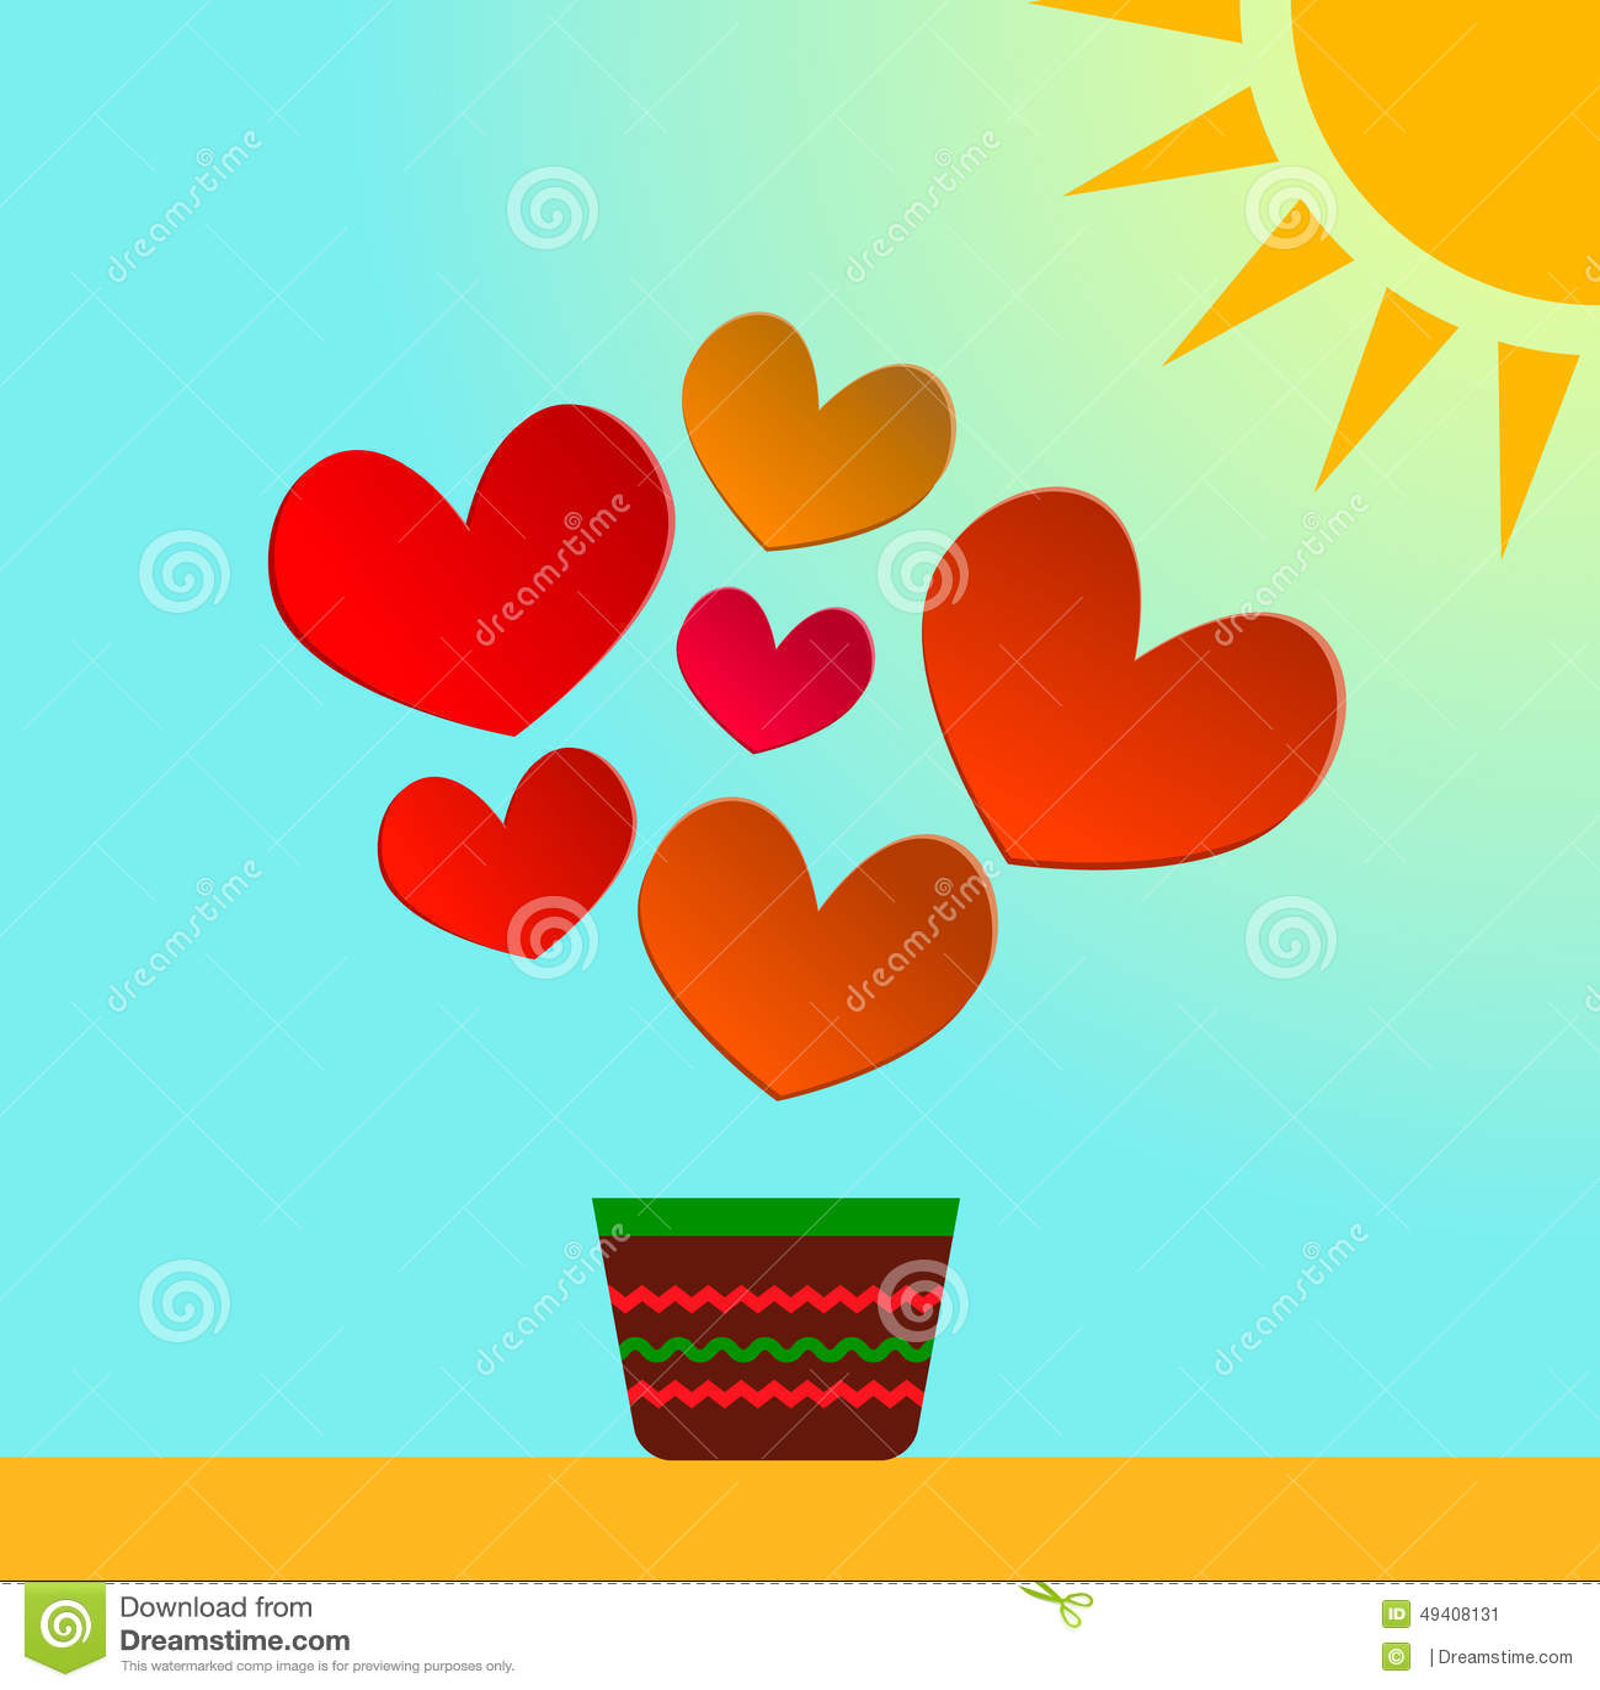 Download Illustrationskarte Des Valentinstags Mit Papierherzen Zusätzliches Format ENV 8 Vektor Abbildung - Illustration von valentine, sonne: 49408131